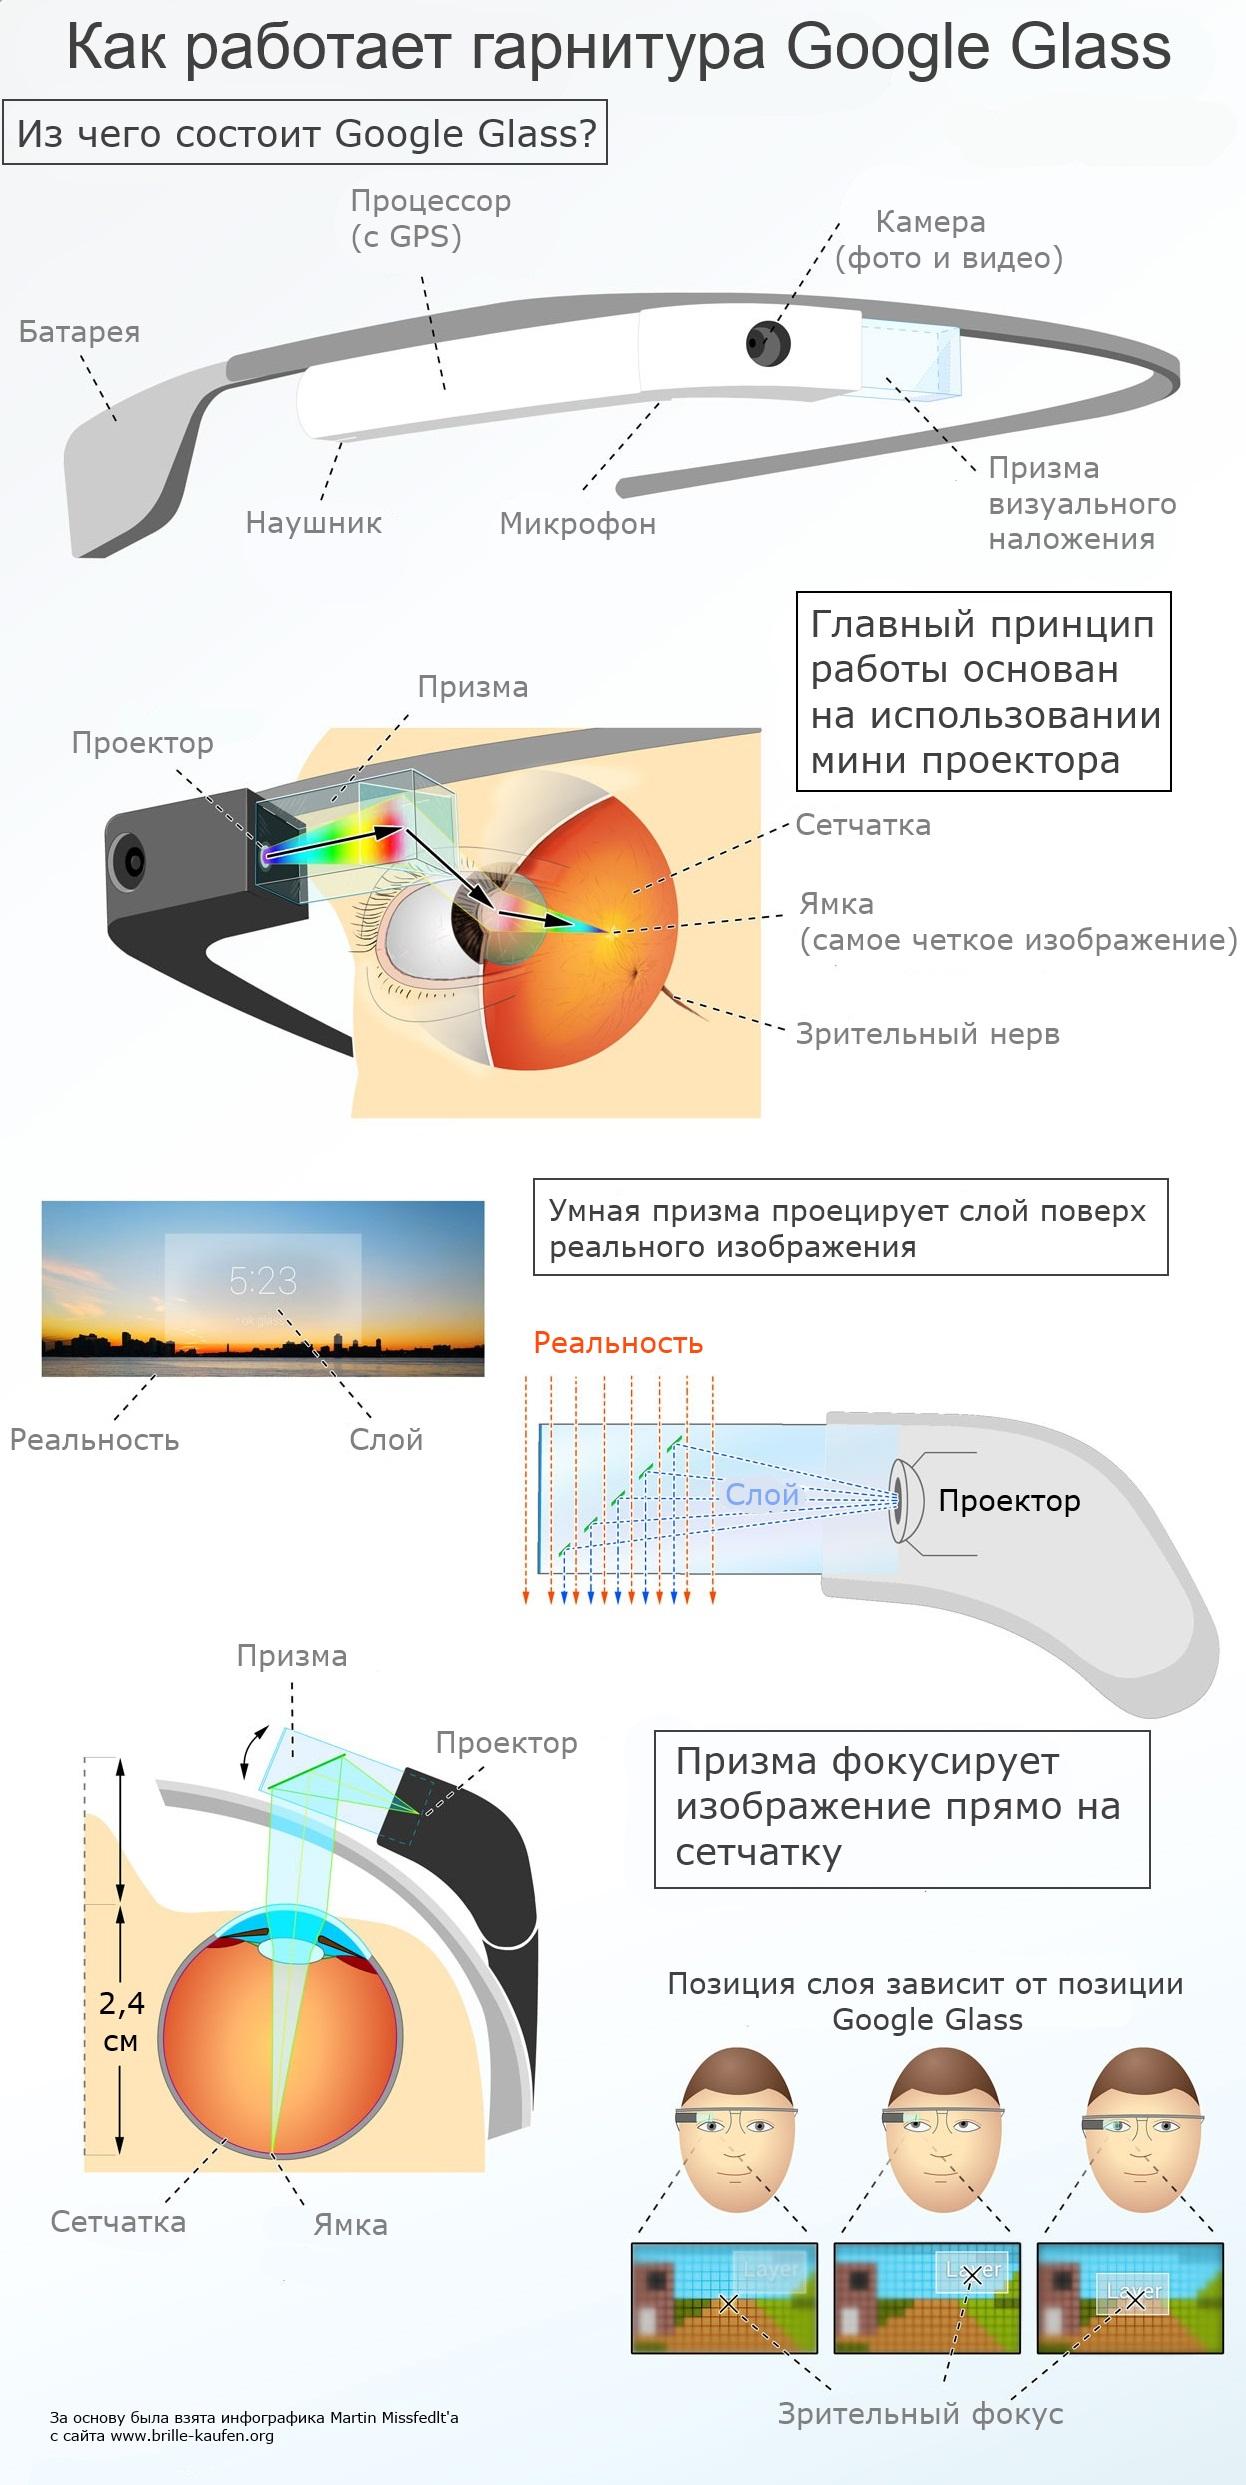 Как на самом деле работают Google Glass (ИНФОГРАФИКА)